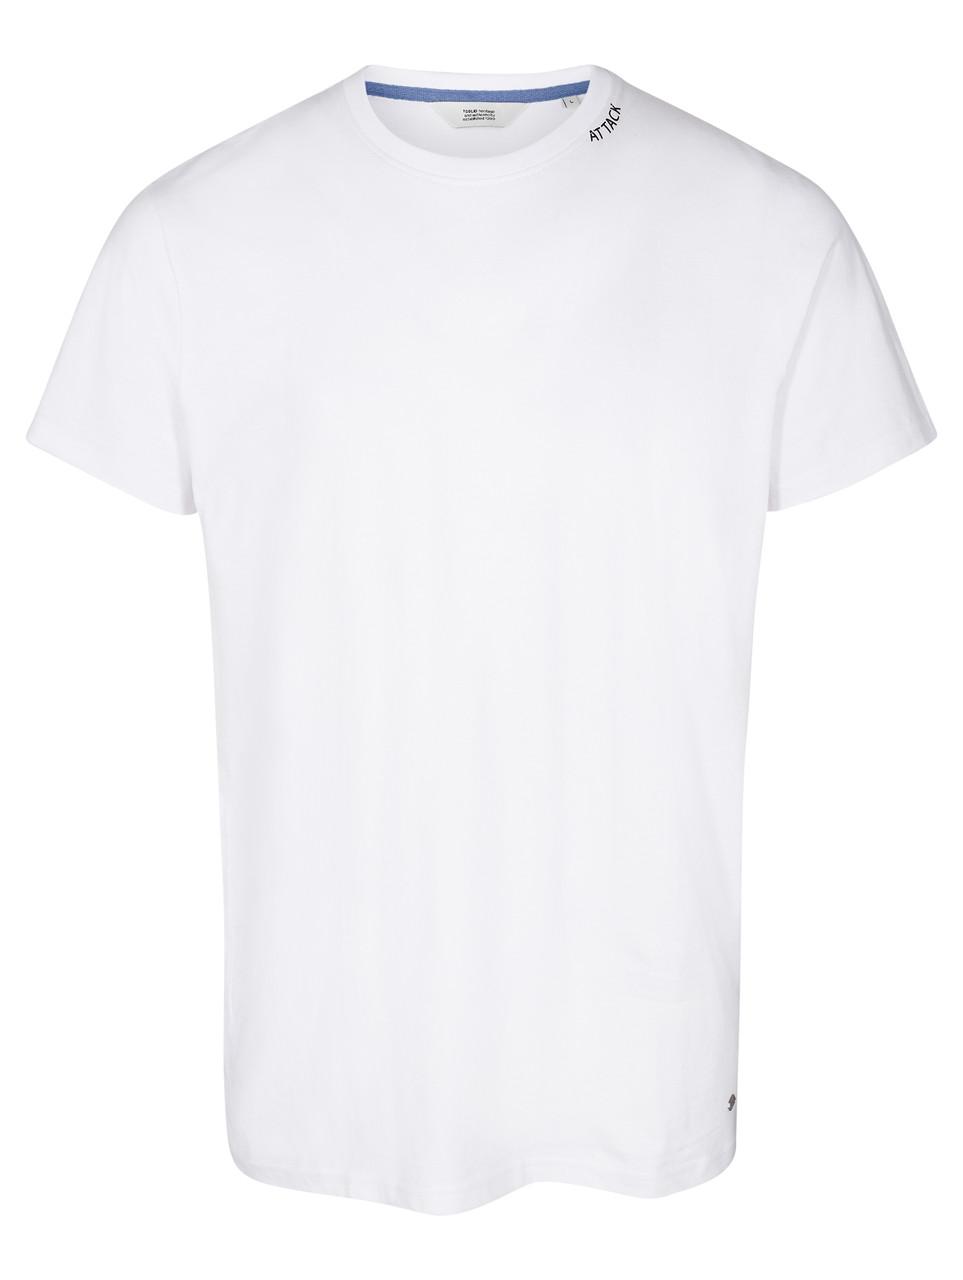 Мужская футболка Brixton от !Solid в размере L